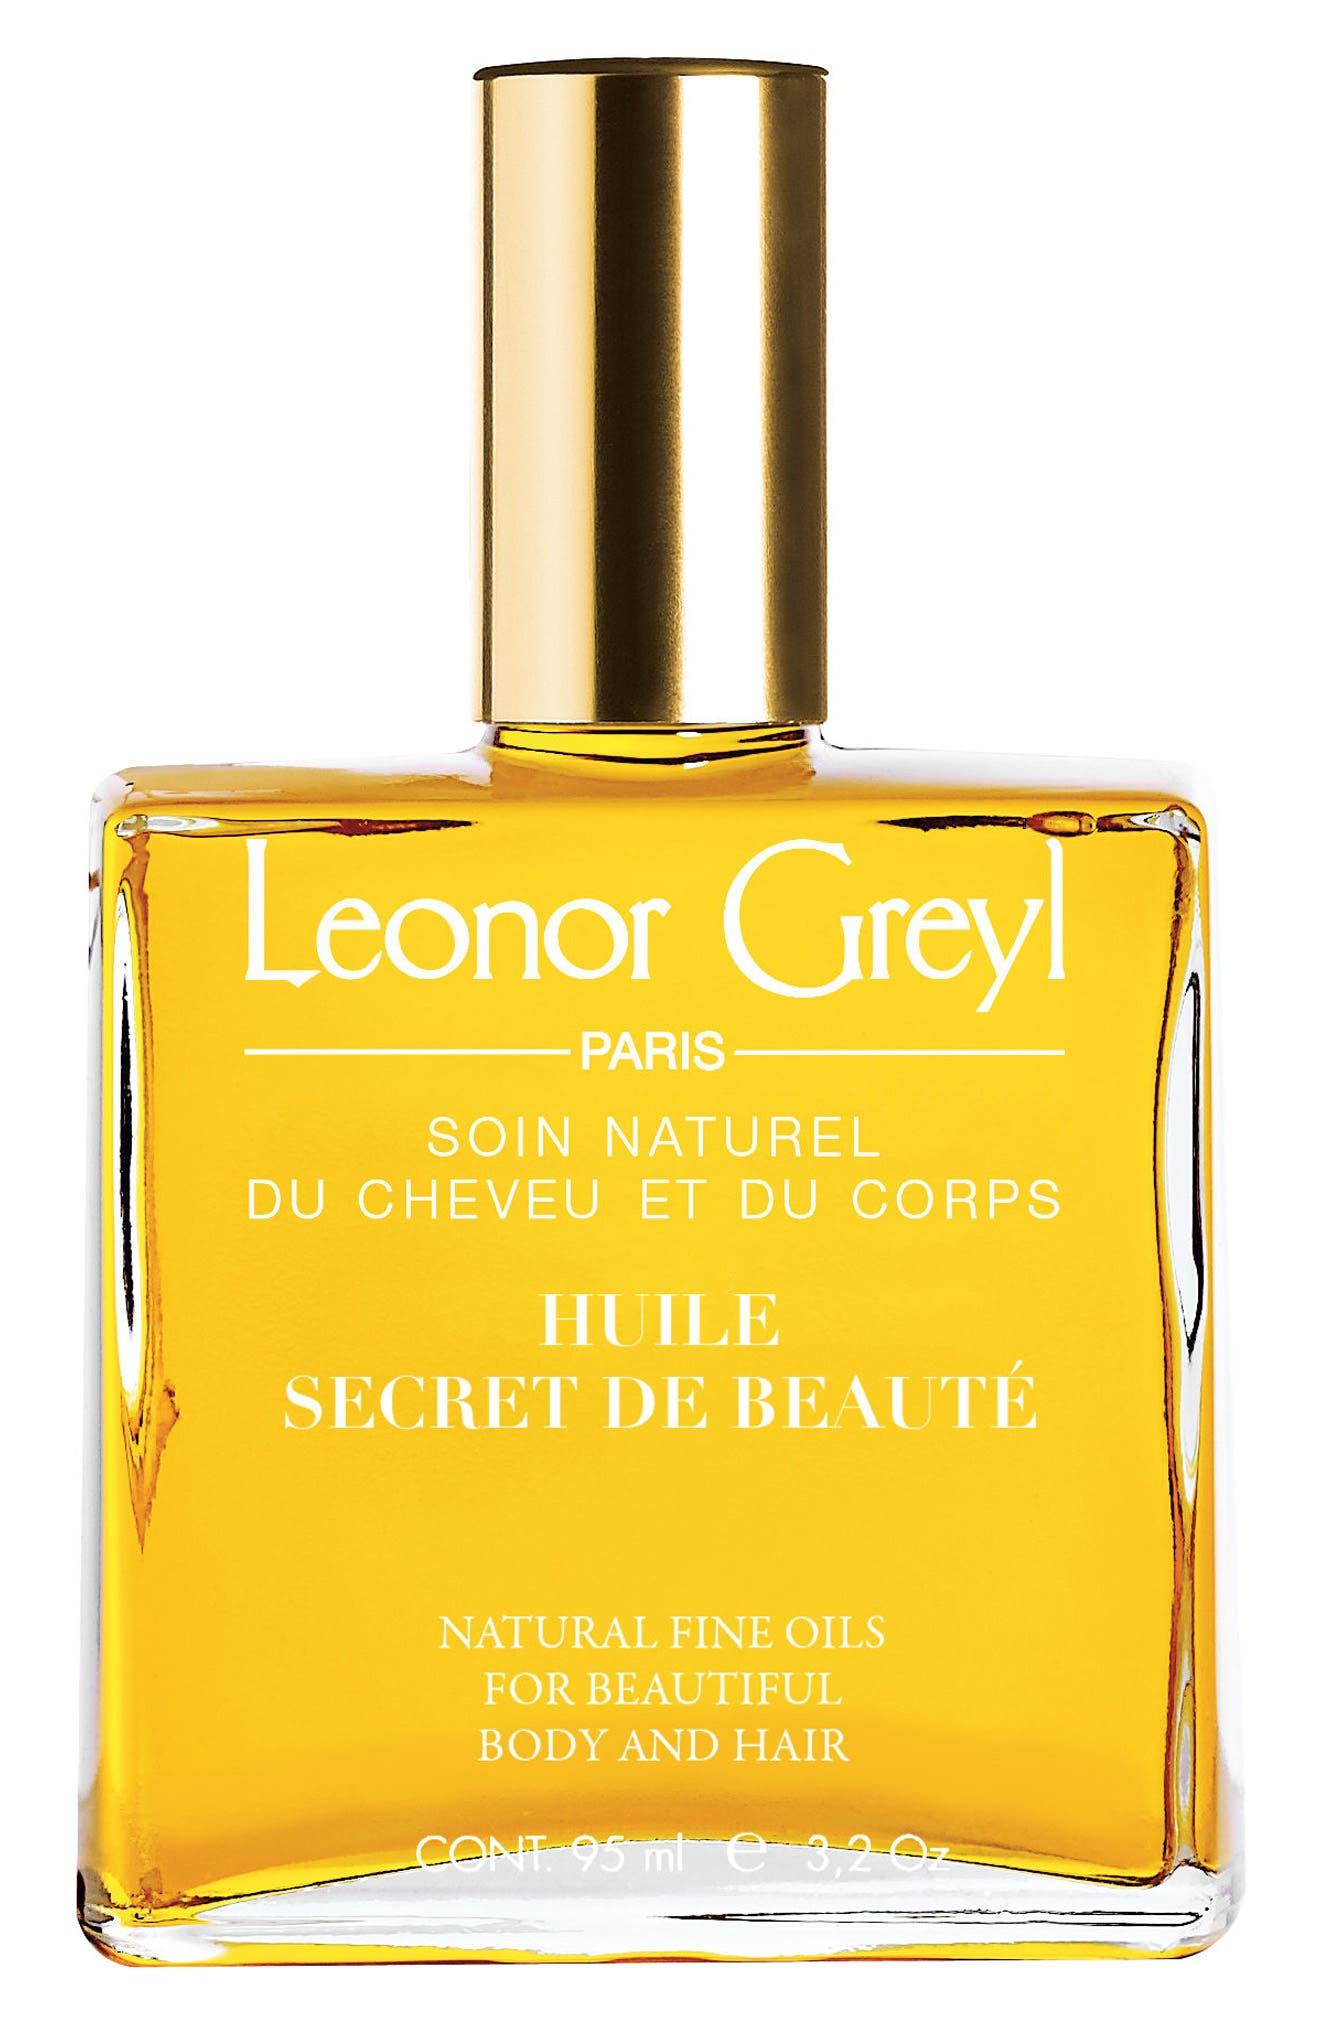 Leonor Greyl PARIS 'Huile Secret de Beauté' Hair & Skin Oil